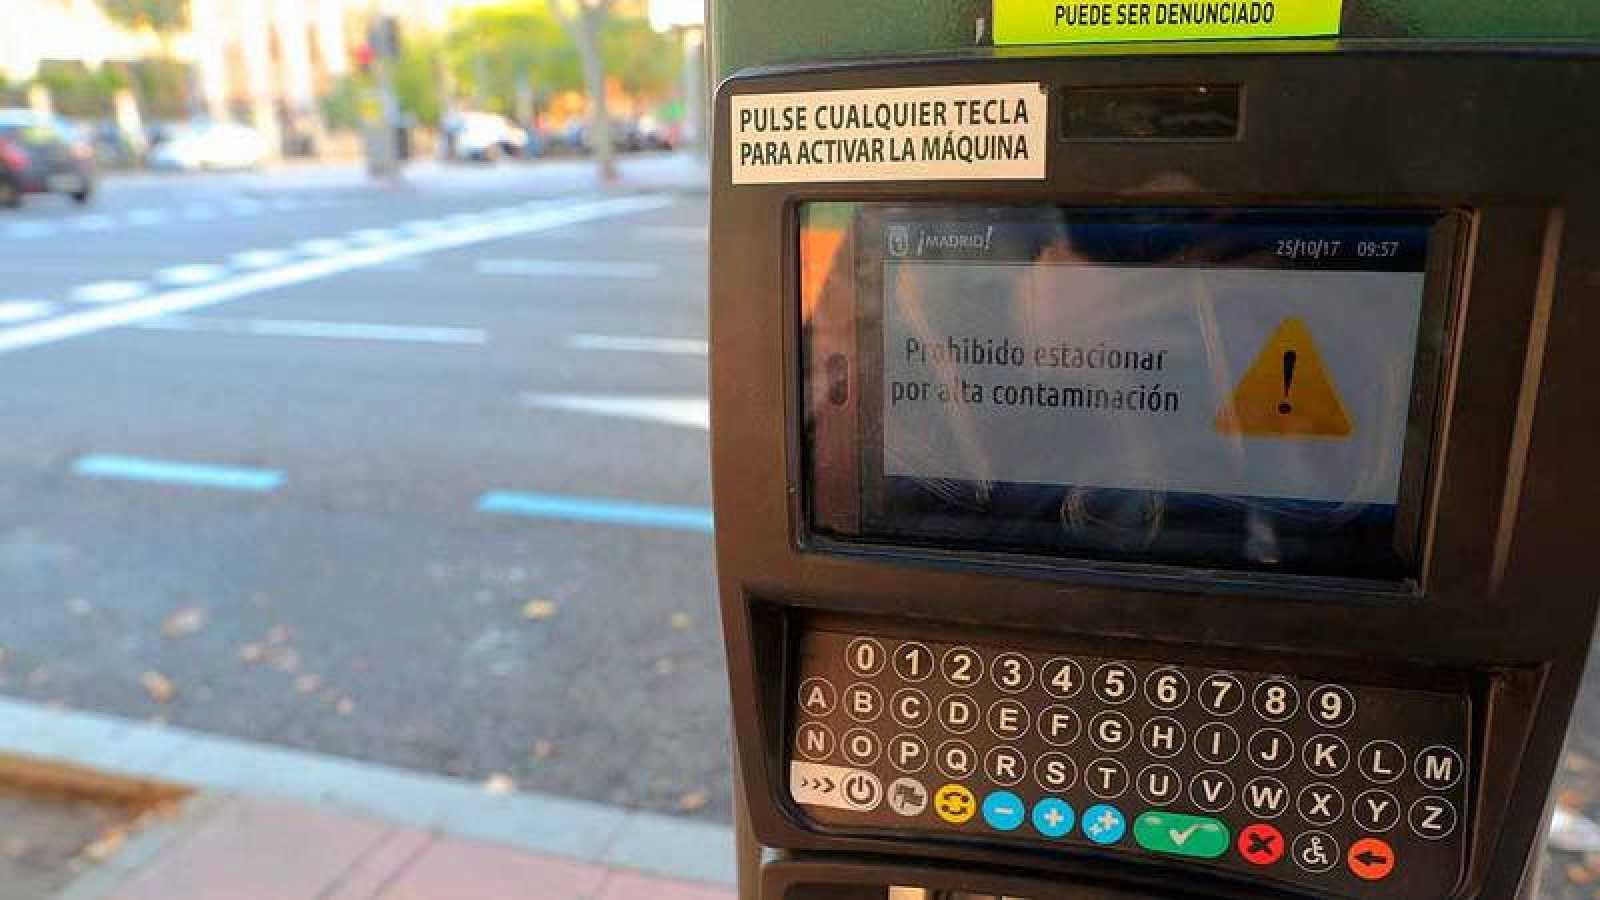 Un parquímetro informa de la prohibición de aparcar en la zona SER de Madrid